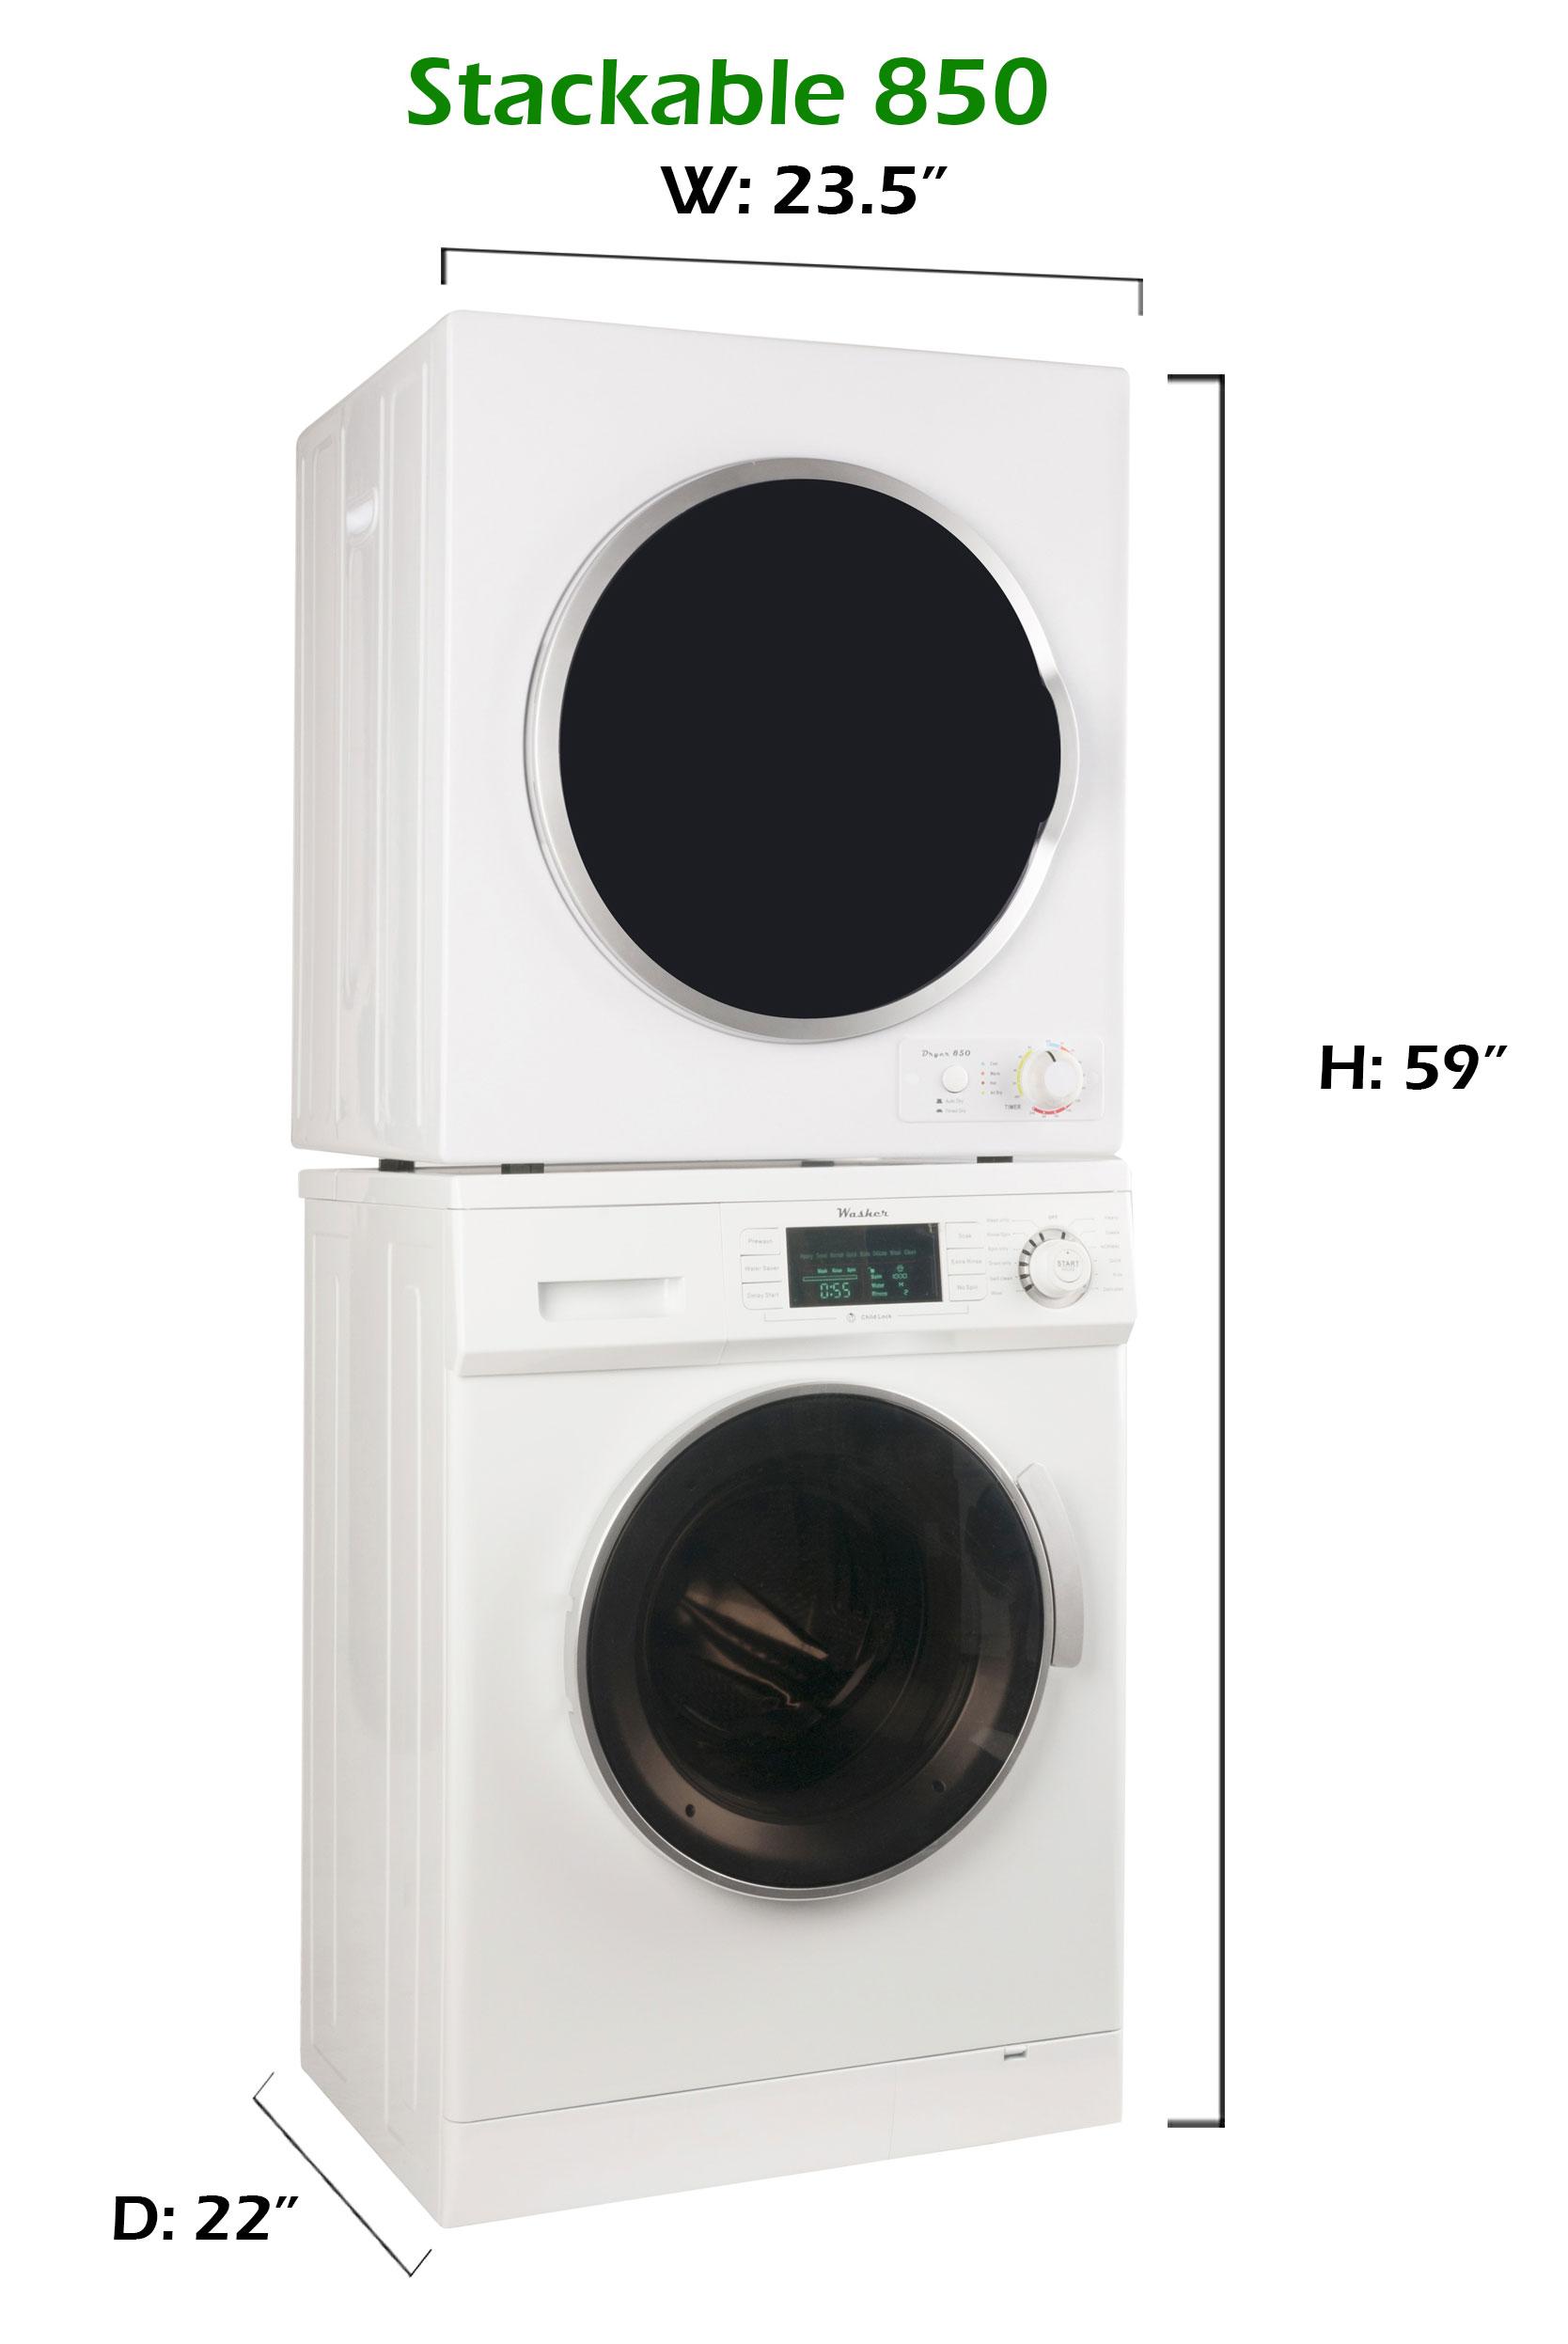 equator stackable washer dryer set ew 824 ed 850 v